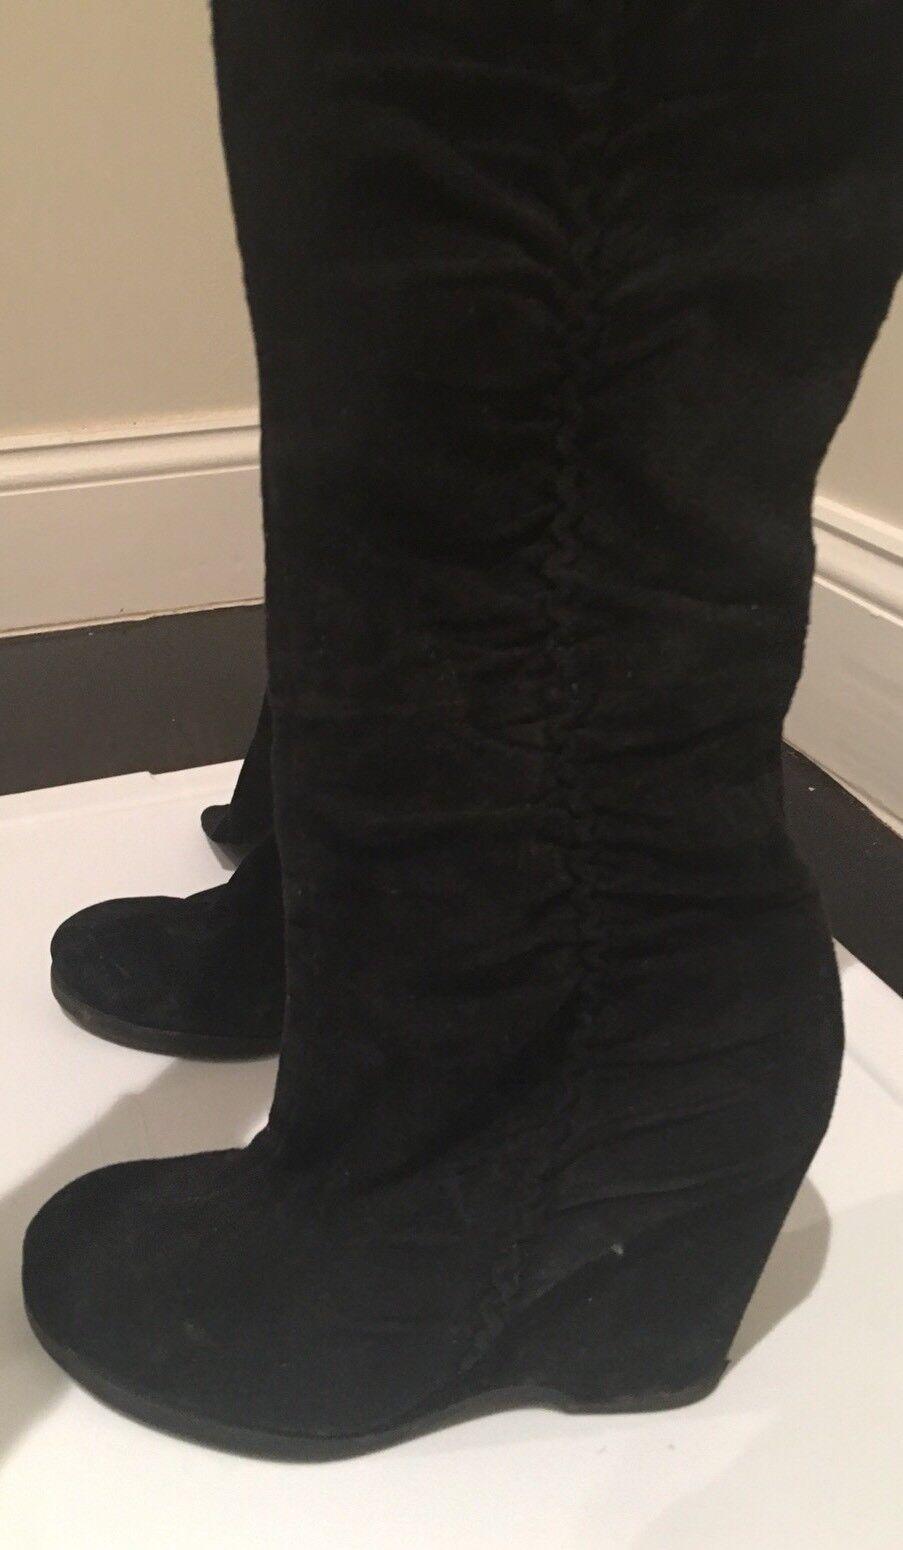 Authentic Mia bottes noires femmes Wedge long et serré sur les jambes très confortable 38